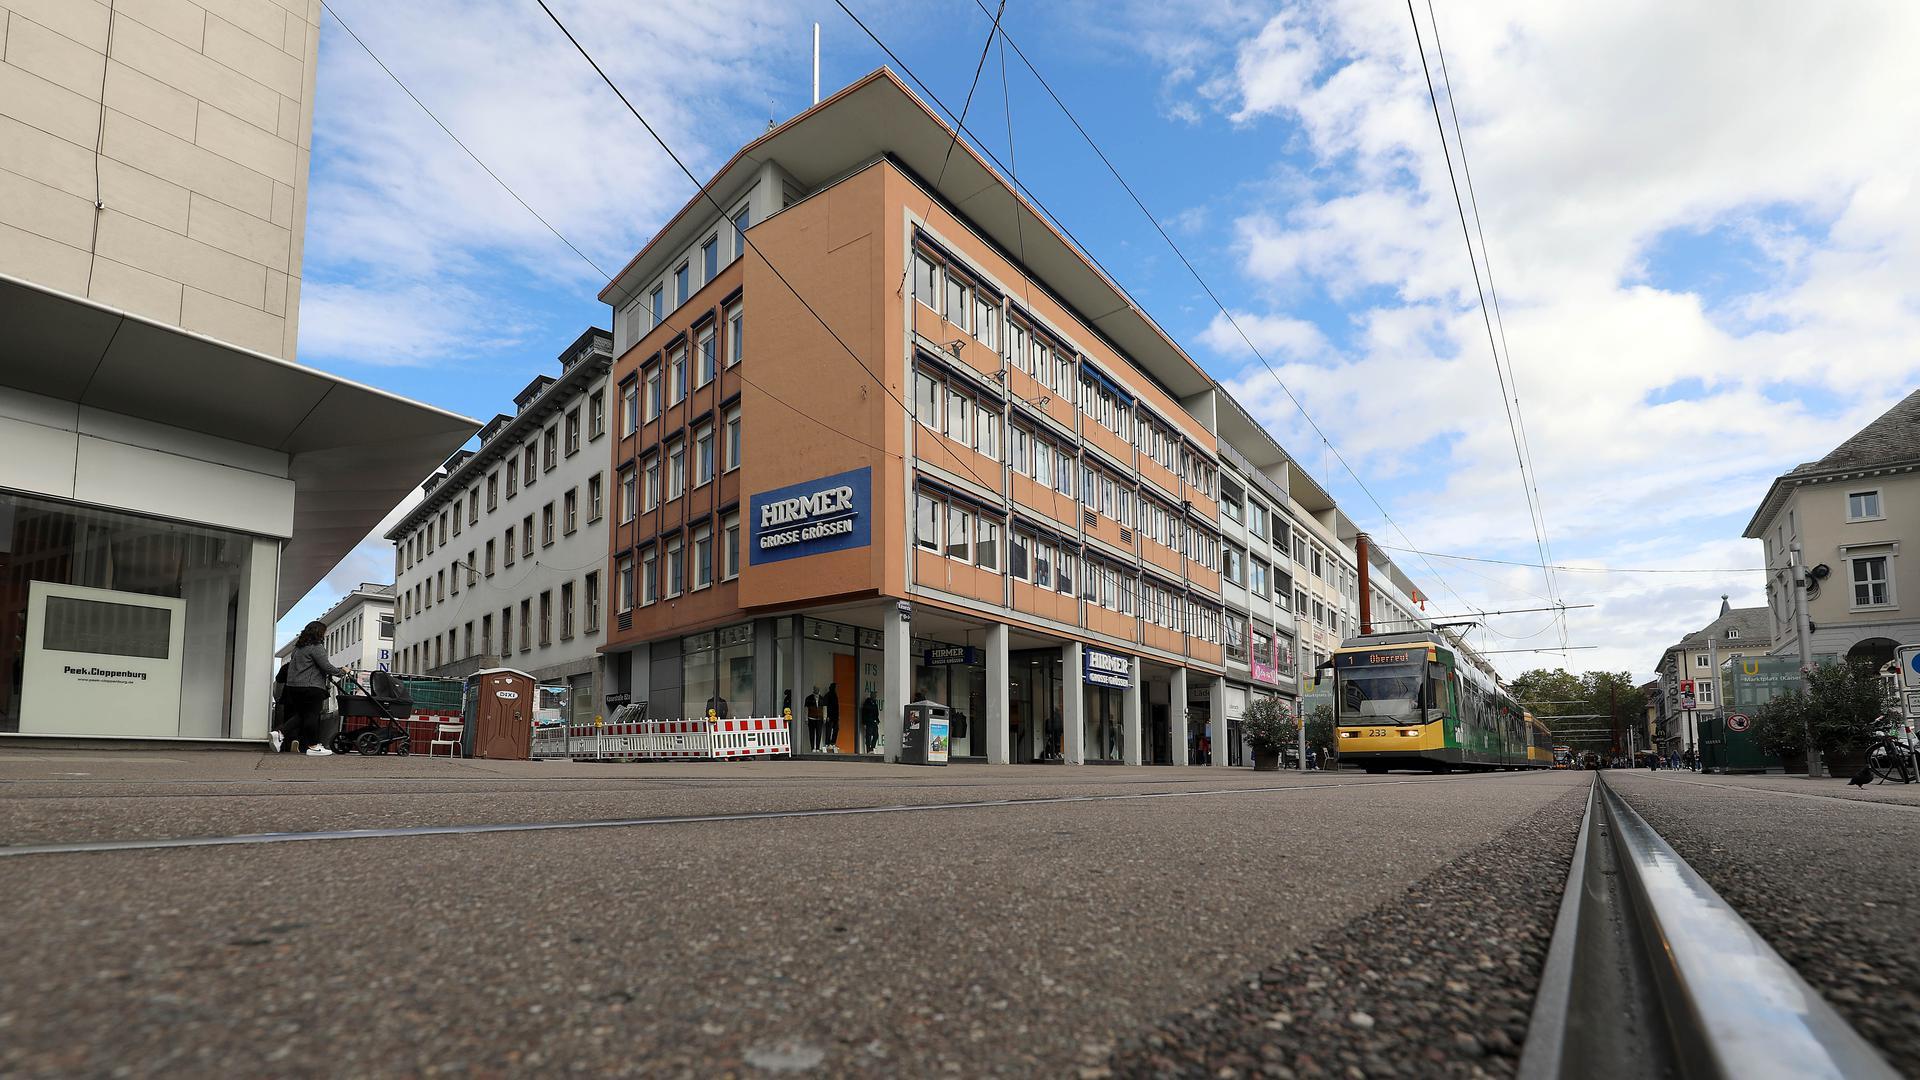 © Jodo-Foto /  Joerg  Donecker//  5.10.2021 Hirmer in der Kaiserstrasse / Lammstrasse,                        -Copyright - Jodo-Foto /  Joerg  Donecker Sonnenbergstr.4  D-76228 KARLSRUHE TEL:  0049 (0) 721-9473285 FAX:  0049 (0) 721 4903368  Mobil: 0049 (0) 172 7238737 E-Mail:  joerg.donecker@t-online.de Sparkasse Karlsruhe  IBAN: DE12 6605 0101 0010 0395 50, BIC: KARSDE66XX Steuernummer 34140/28360 Veroeffentlichung nur gegen Honorar nach MFM zzgl. ges. Mwst.  , Belegexemplar und Namensnennung. Es gelten meine AGB.